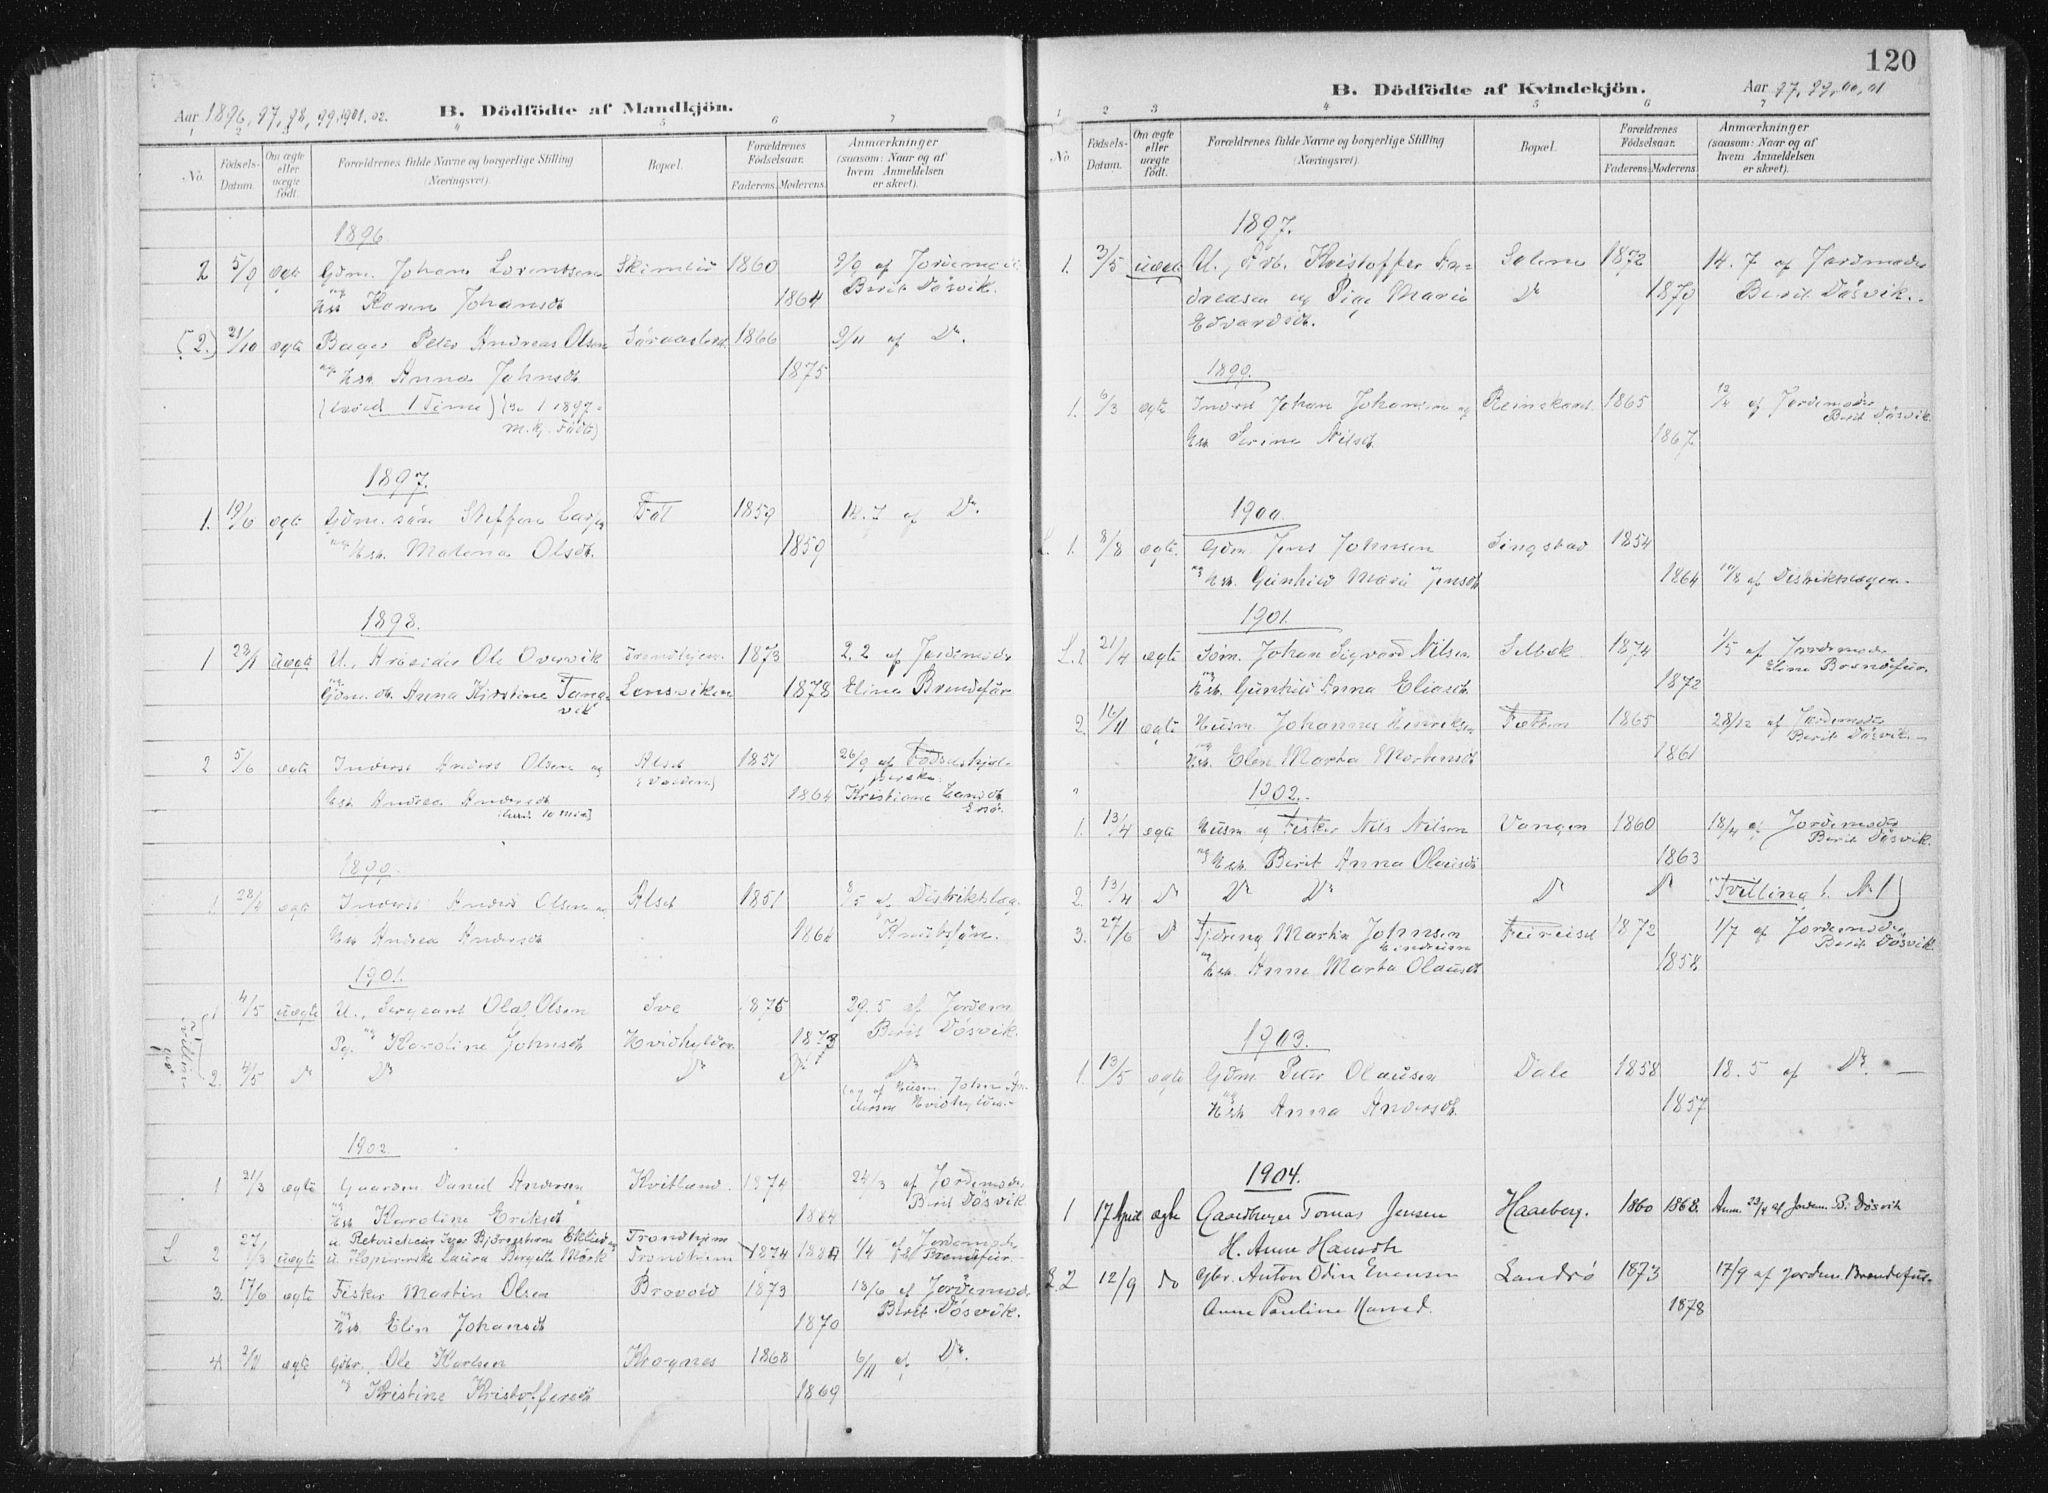 SAT, Ministerialprotokoller, klokkerbøker og fødselsregistre - Sør-Trøndelag, 647/L0635: Ministerialbok nr. 647A02, 1896-1911, s. 120